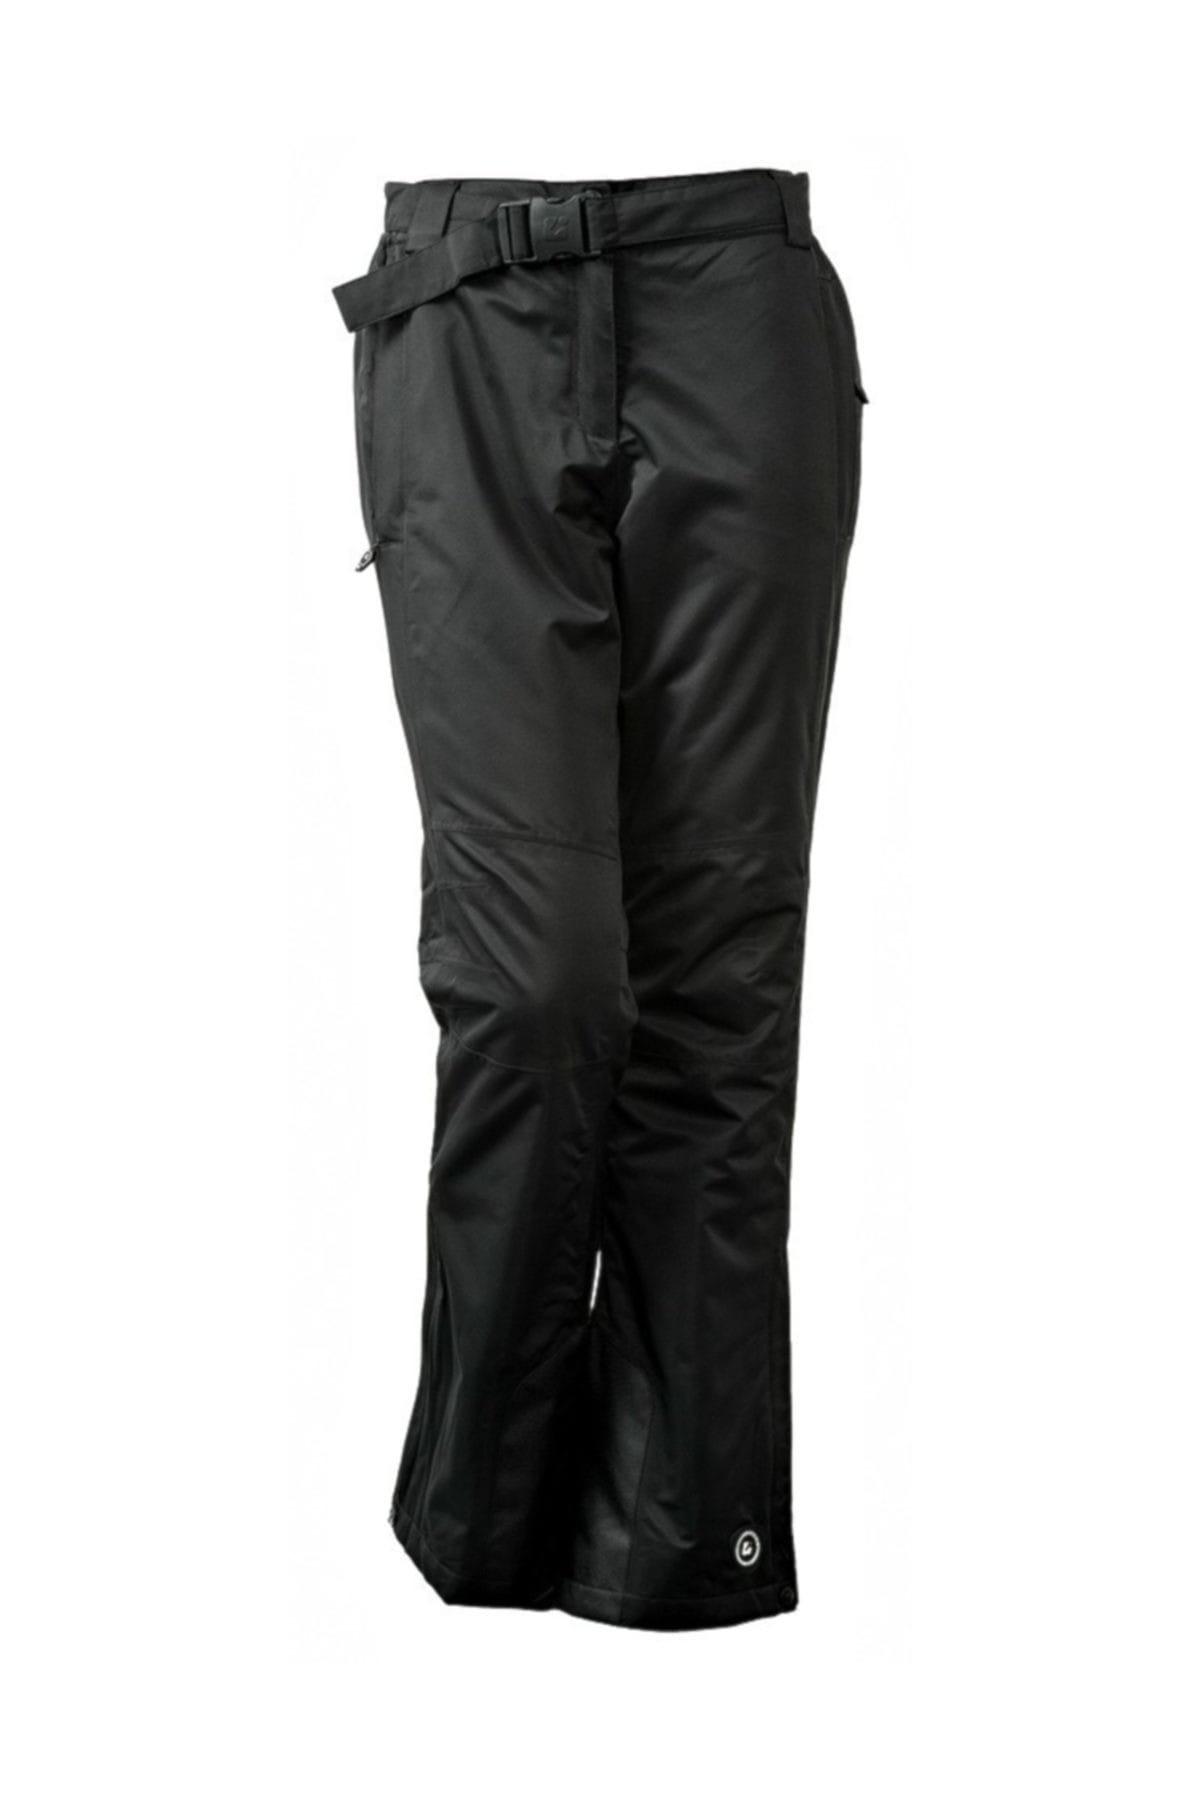 خرید انلاین شلوار ورزشی زیبا مردانه برند Killtec رنگ مشکی کد ty4184972